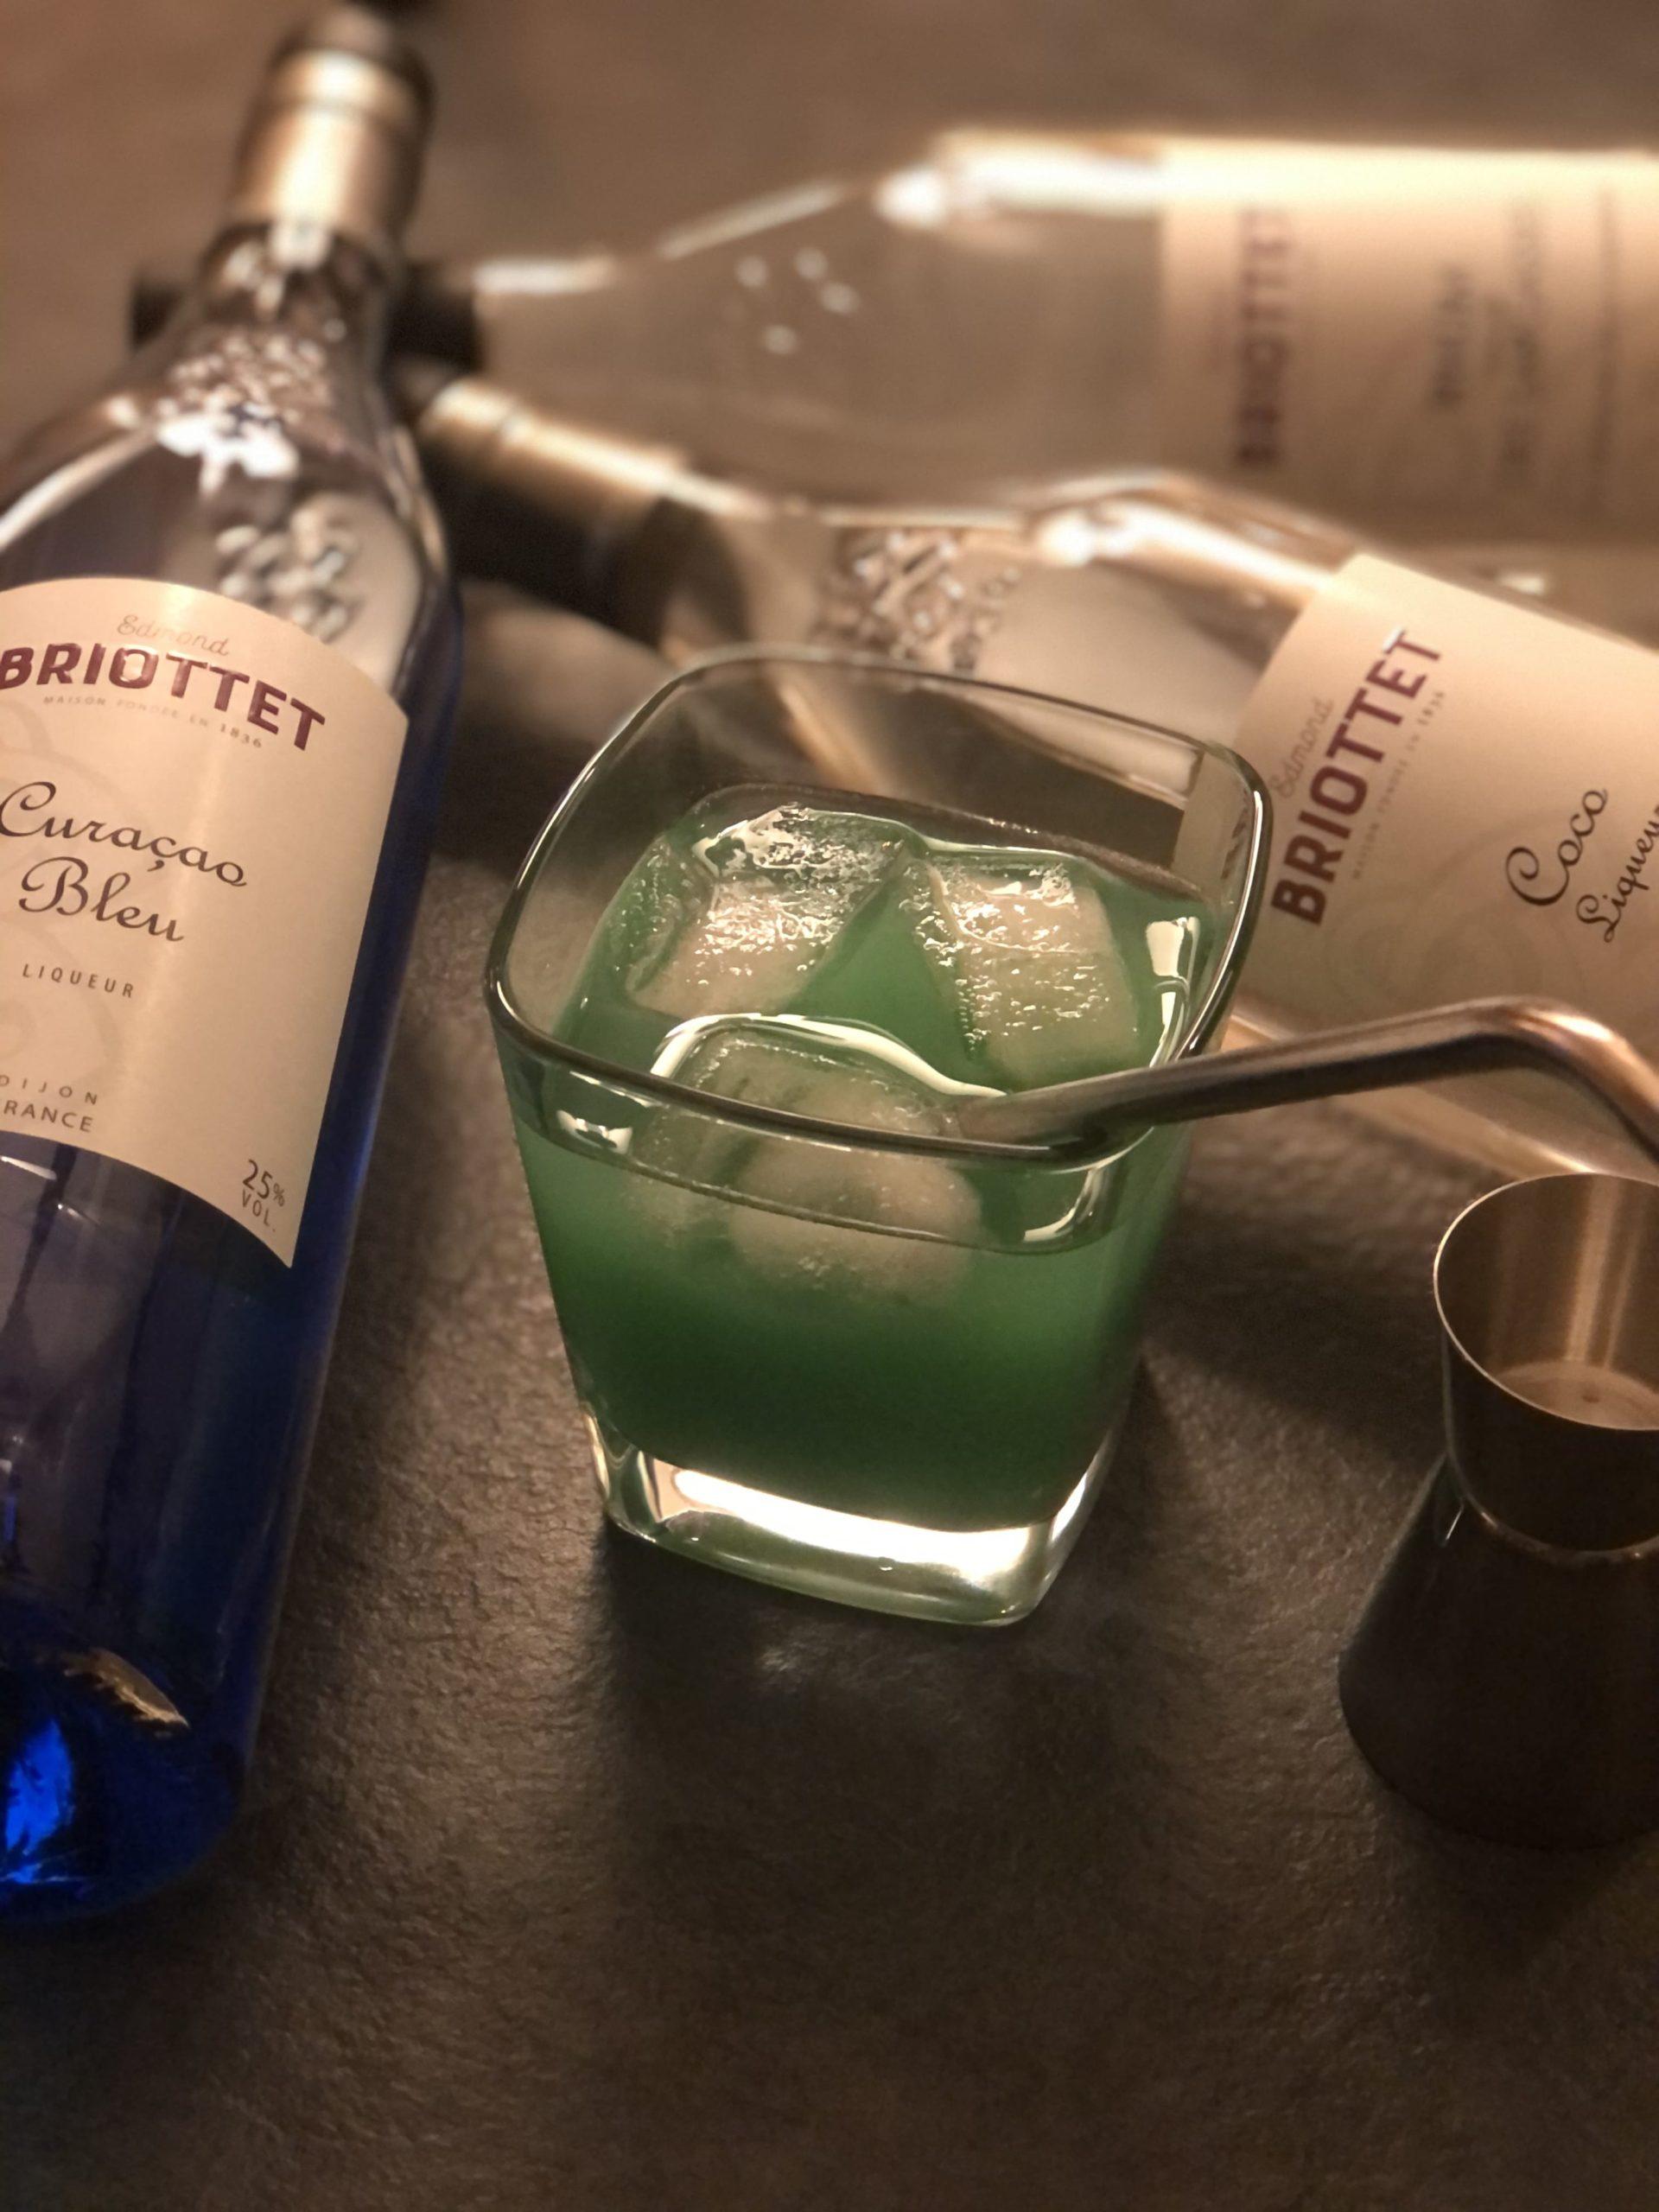 Briottet-Cocktail-Briogreen